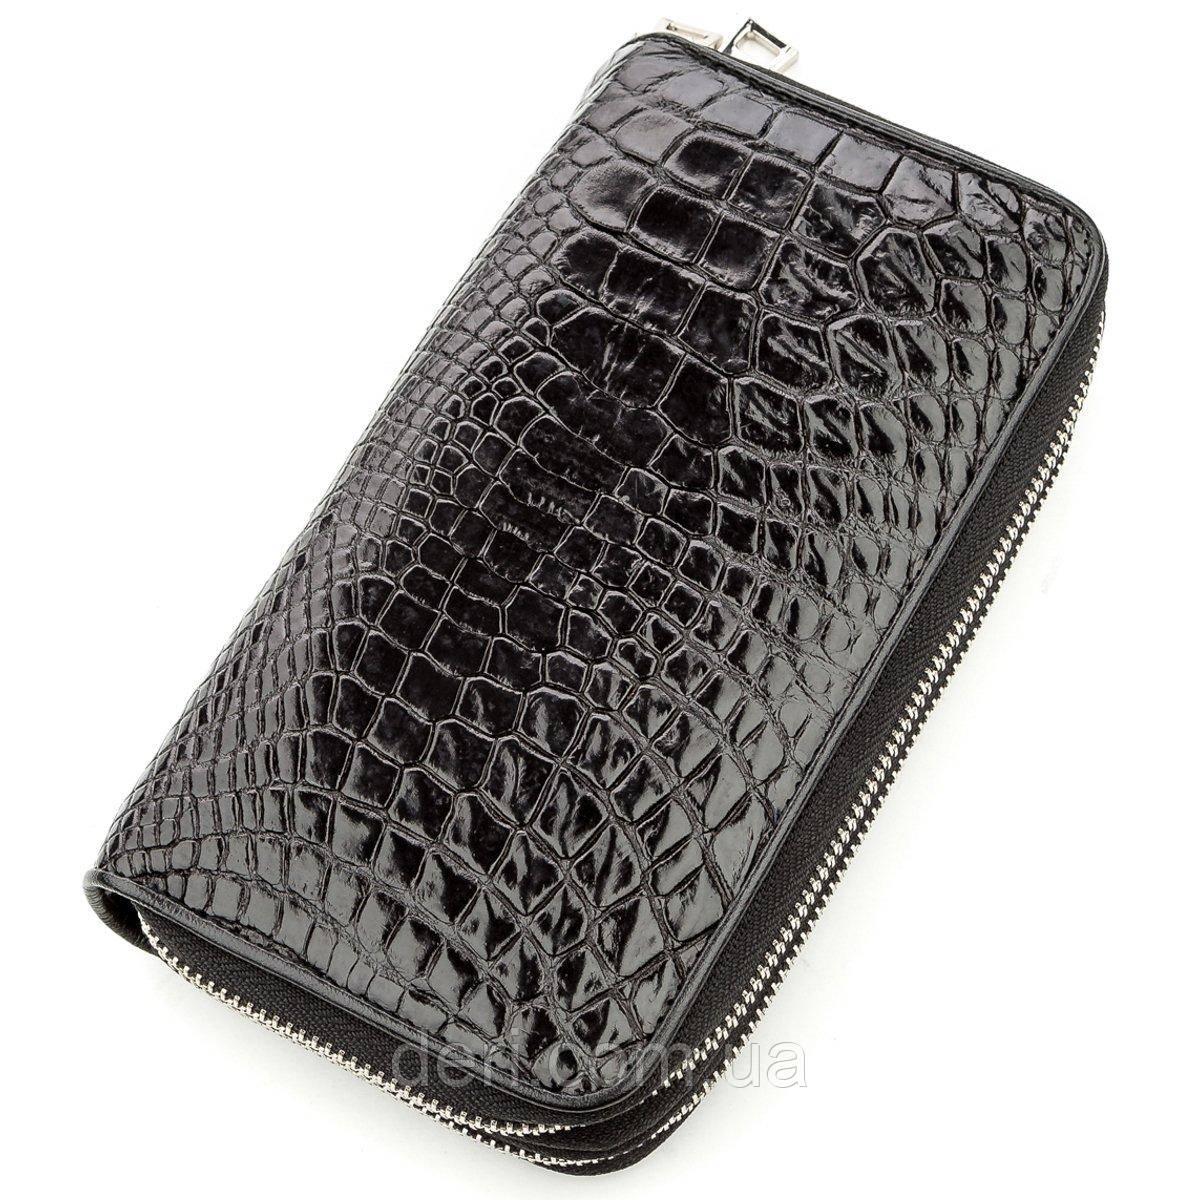 Клатч мужской CROCODILE LEATHER 18525 из натуральной кожи крокодила Черный, Черный